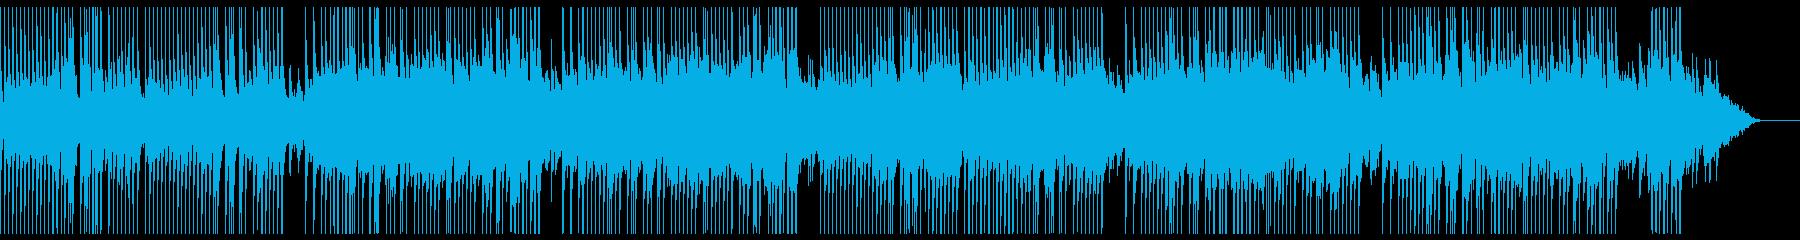 沖縄の民謡 安里屋ユンタ 別バージョンの再生済みの波形